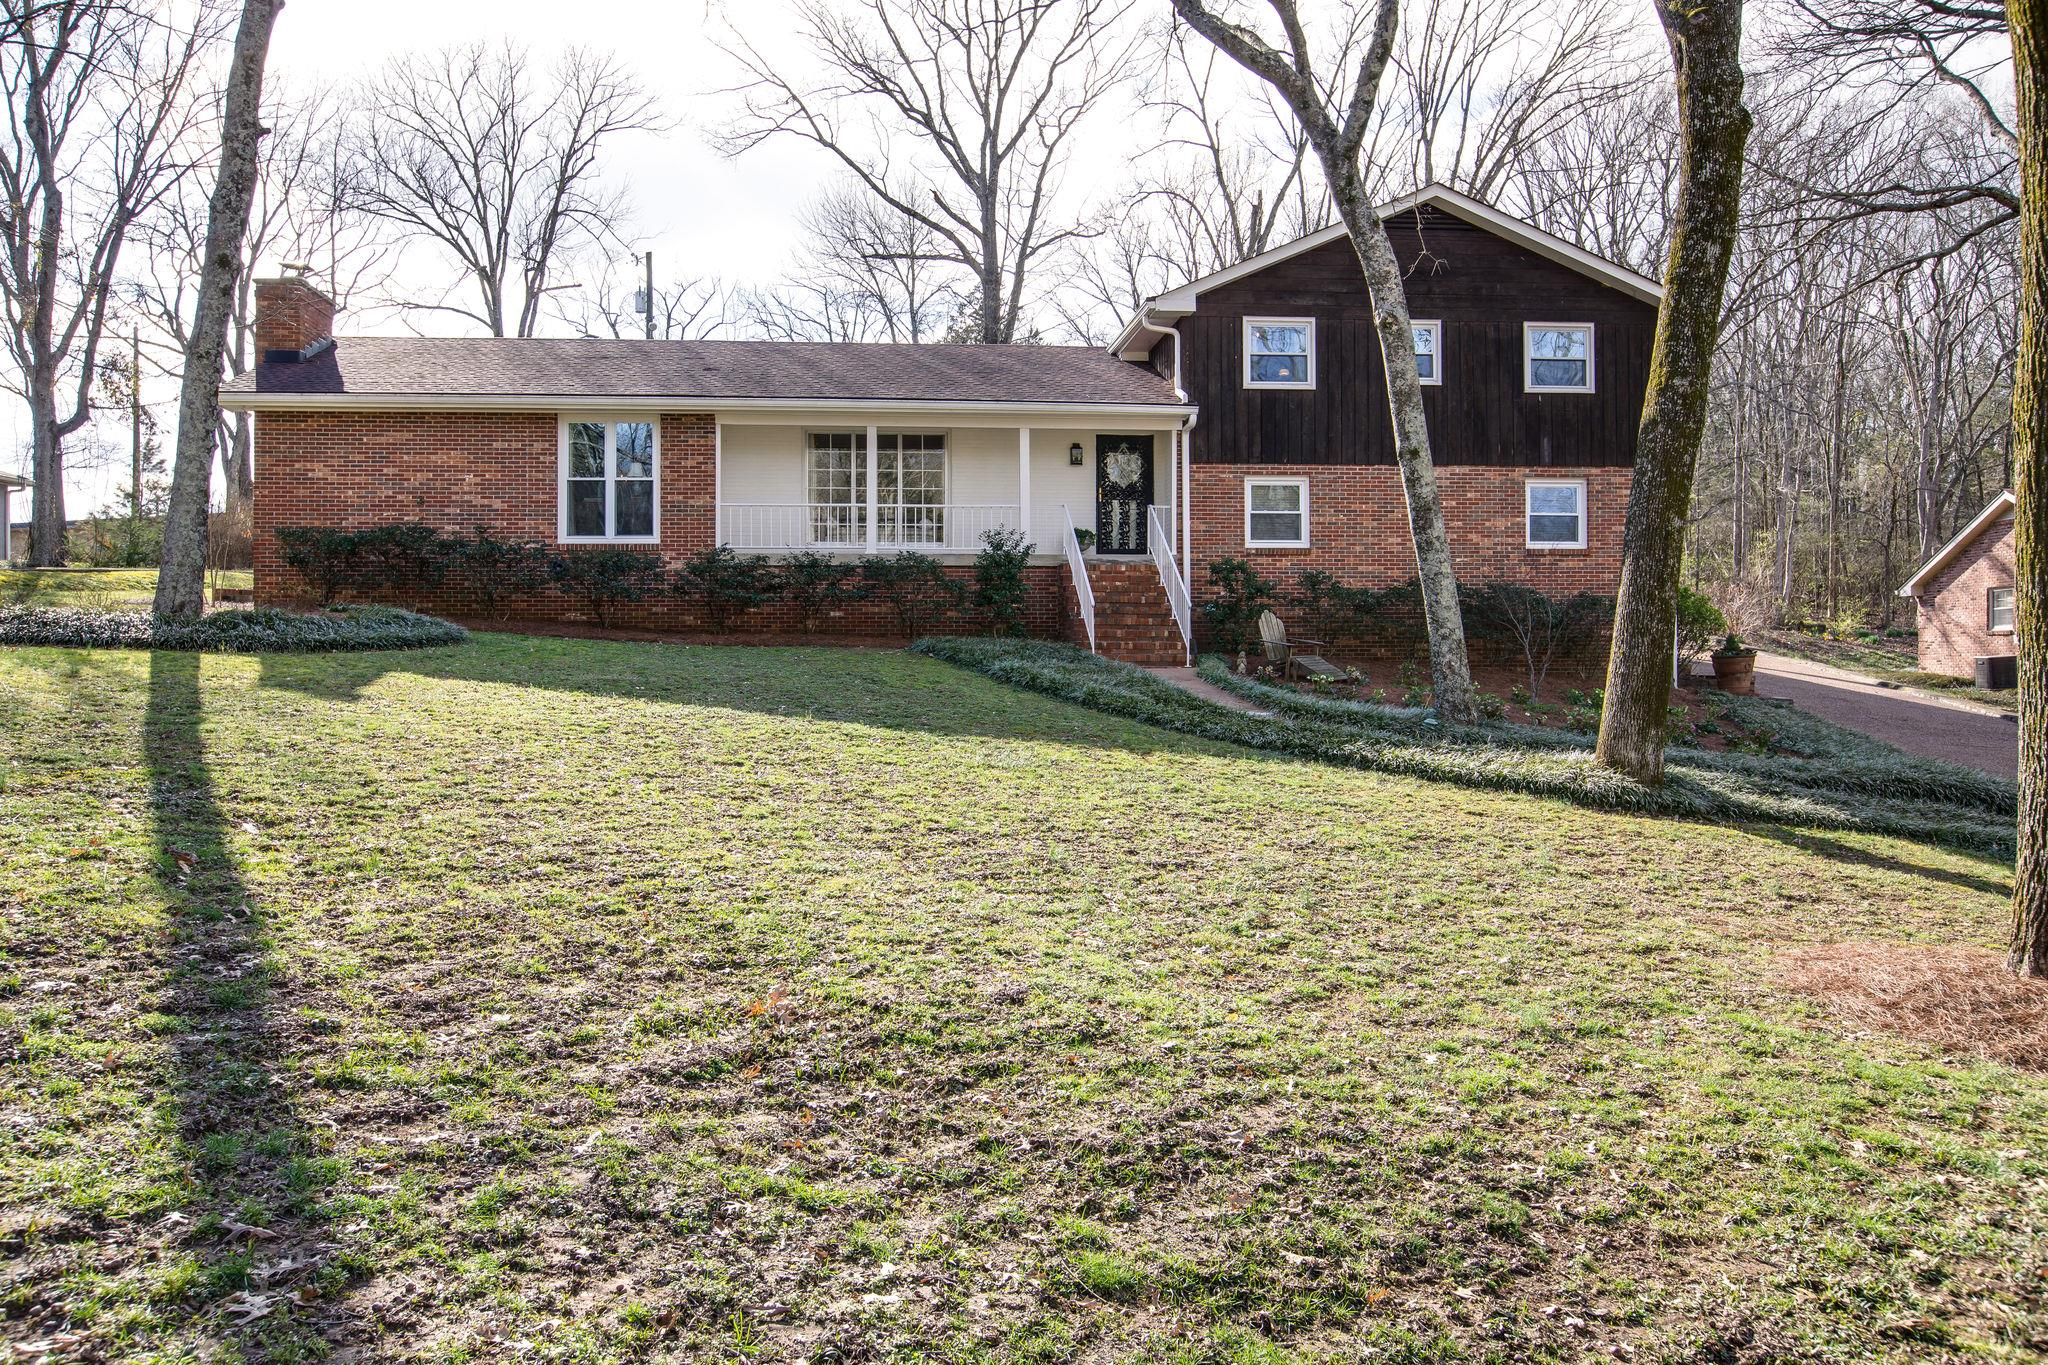 609 Clematis Dr, Nashville, TN 37205 - Nashville, TN real estate listing